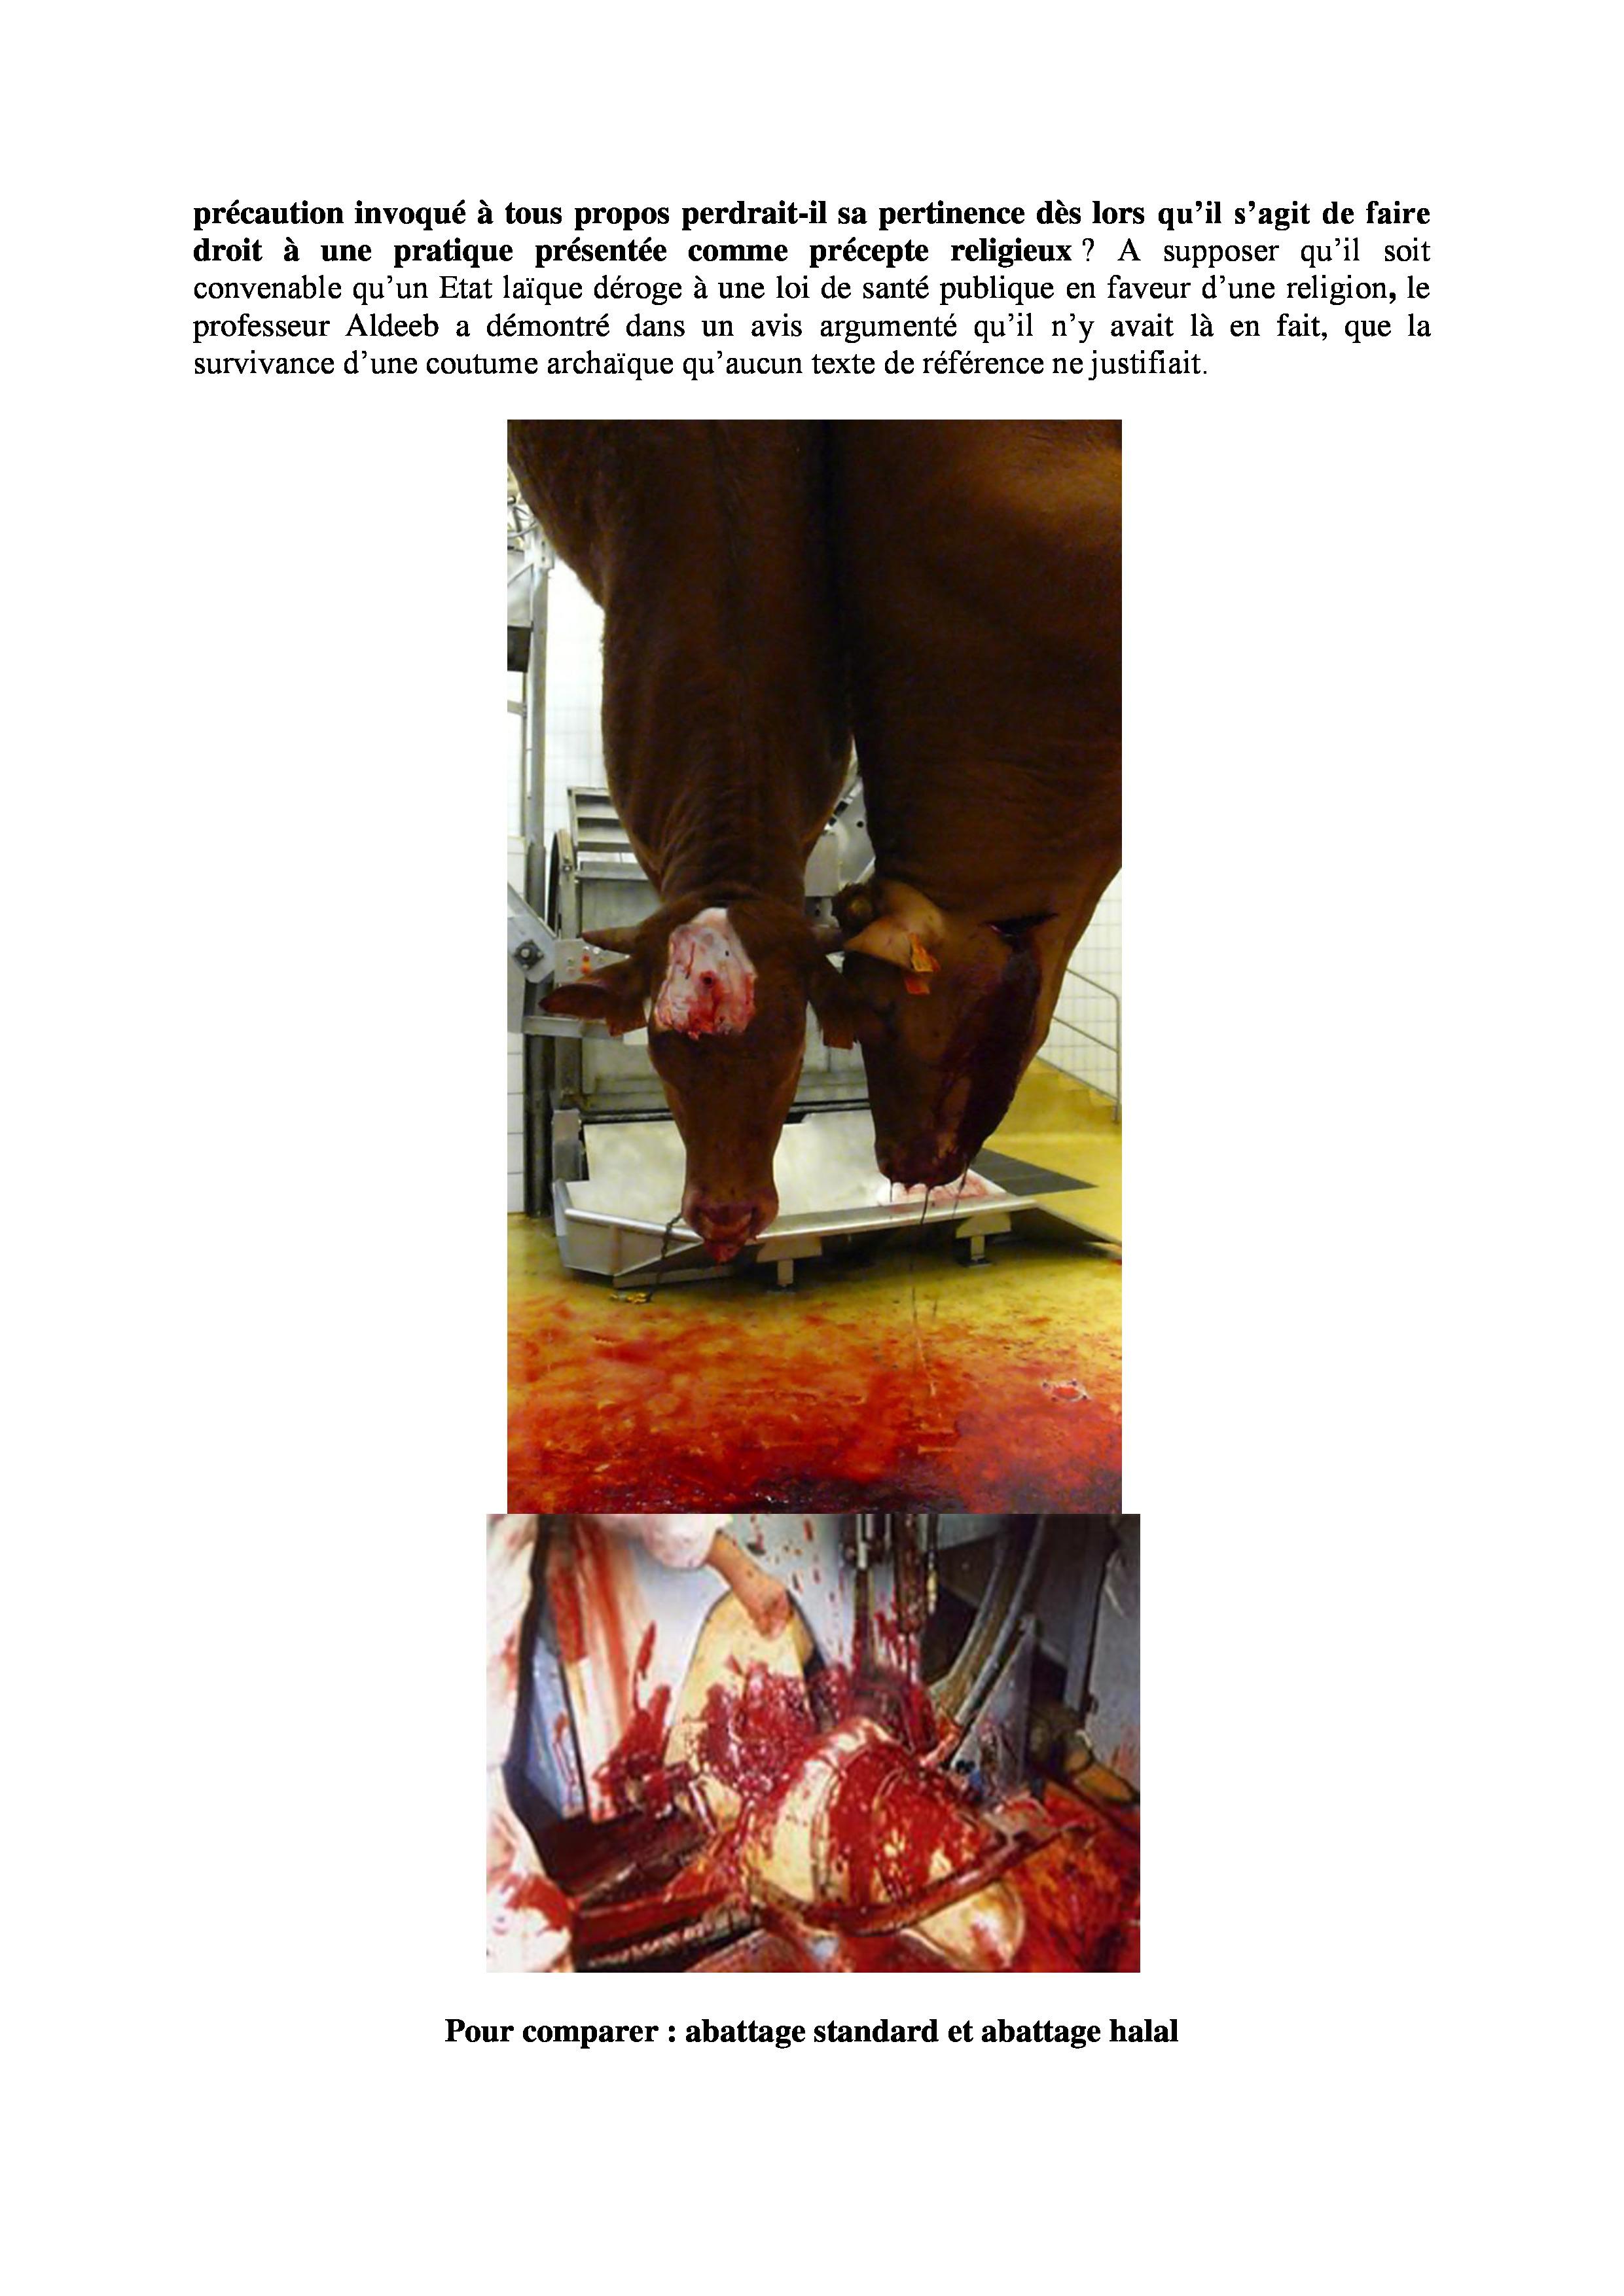 Les-risques-sanitaires-liés-à-labattage-halal-1-page-4